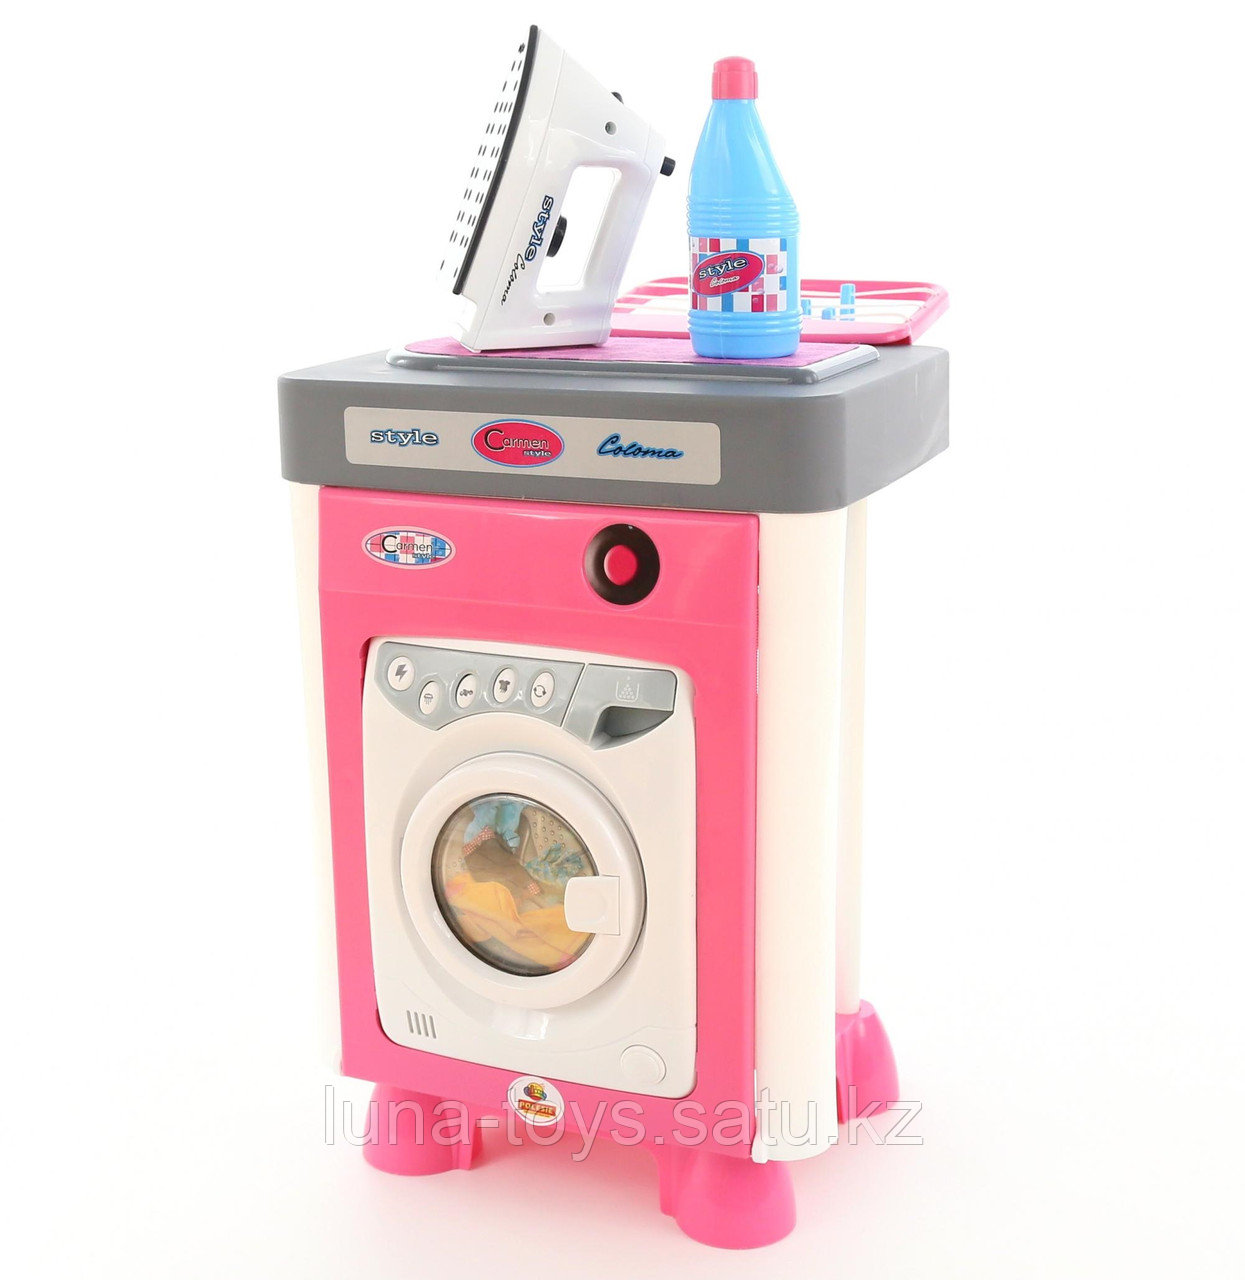 """Набор """"Carmen"""" №2 со стиральной машиной (в пакете)"""